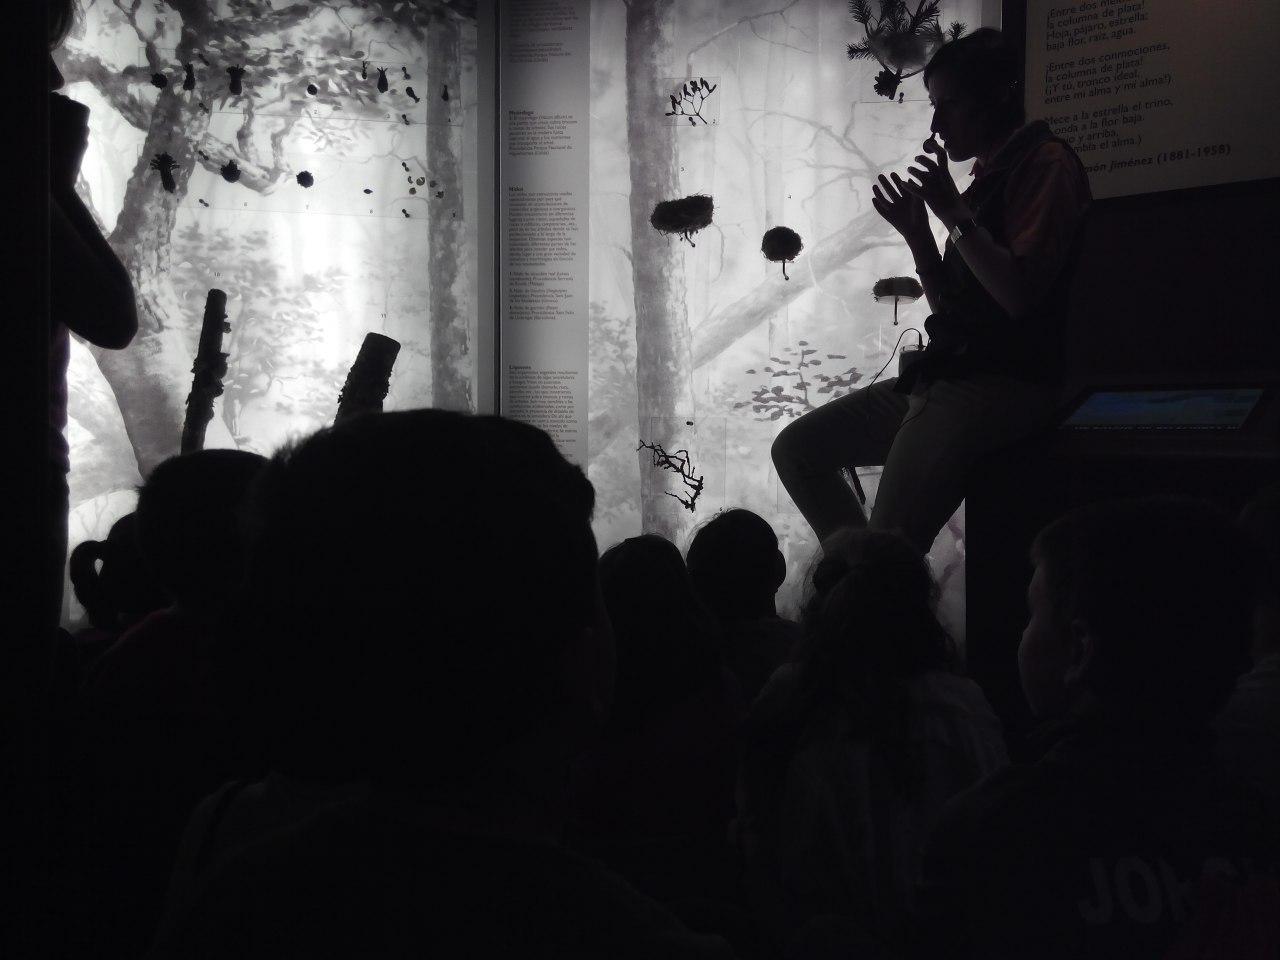 Visita a la exposición El Bosque. 1º 2º Primaria. CEIP Pinocho. 2016/17 1